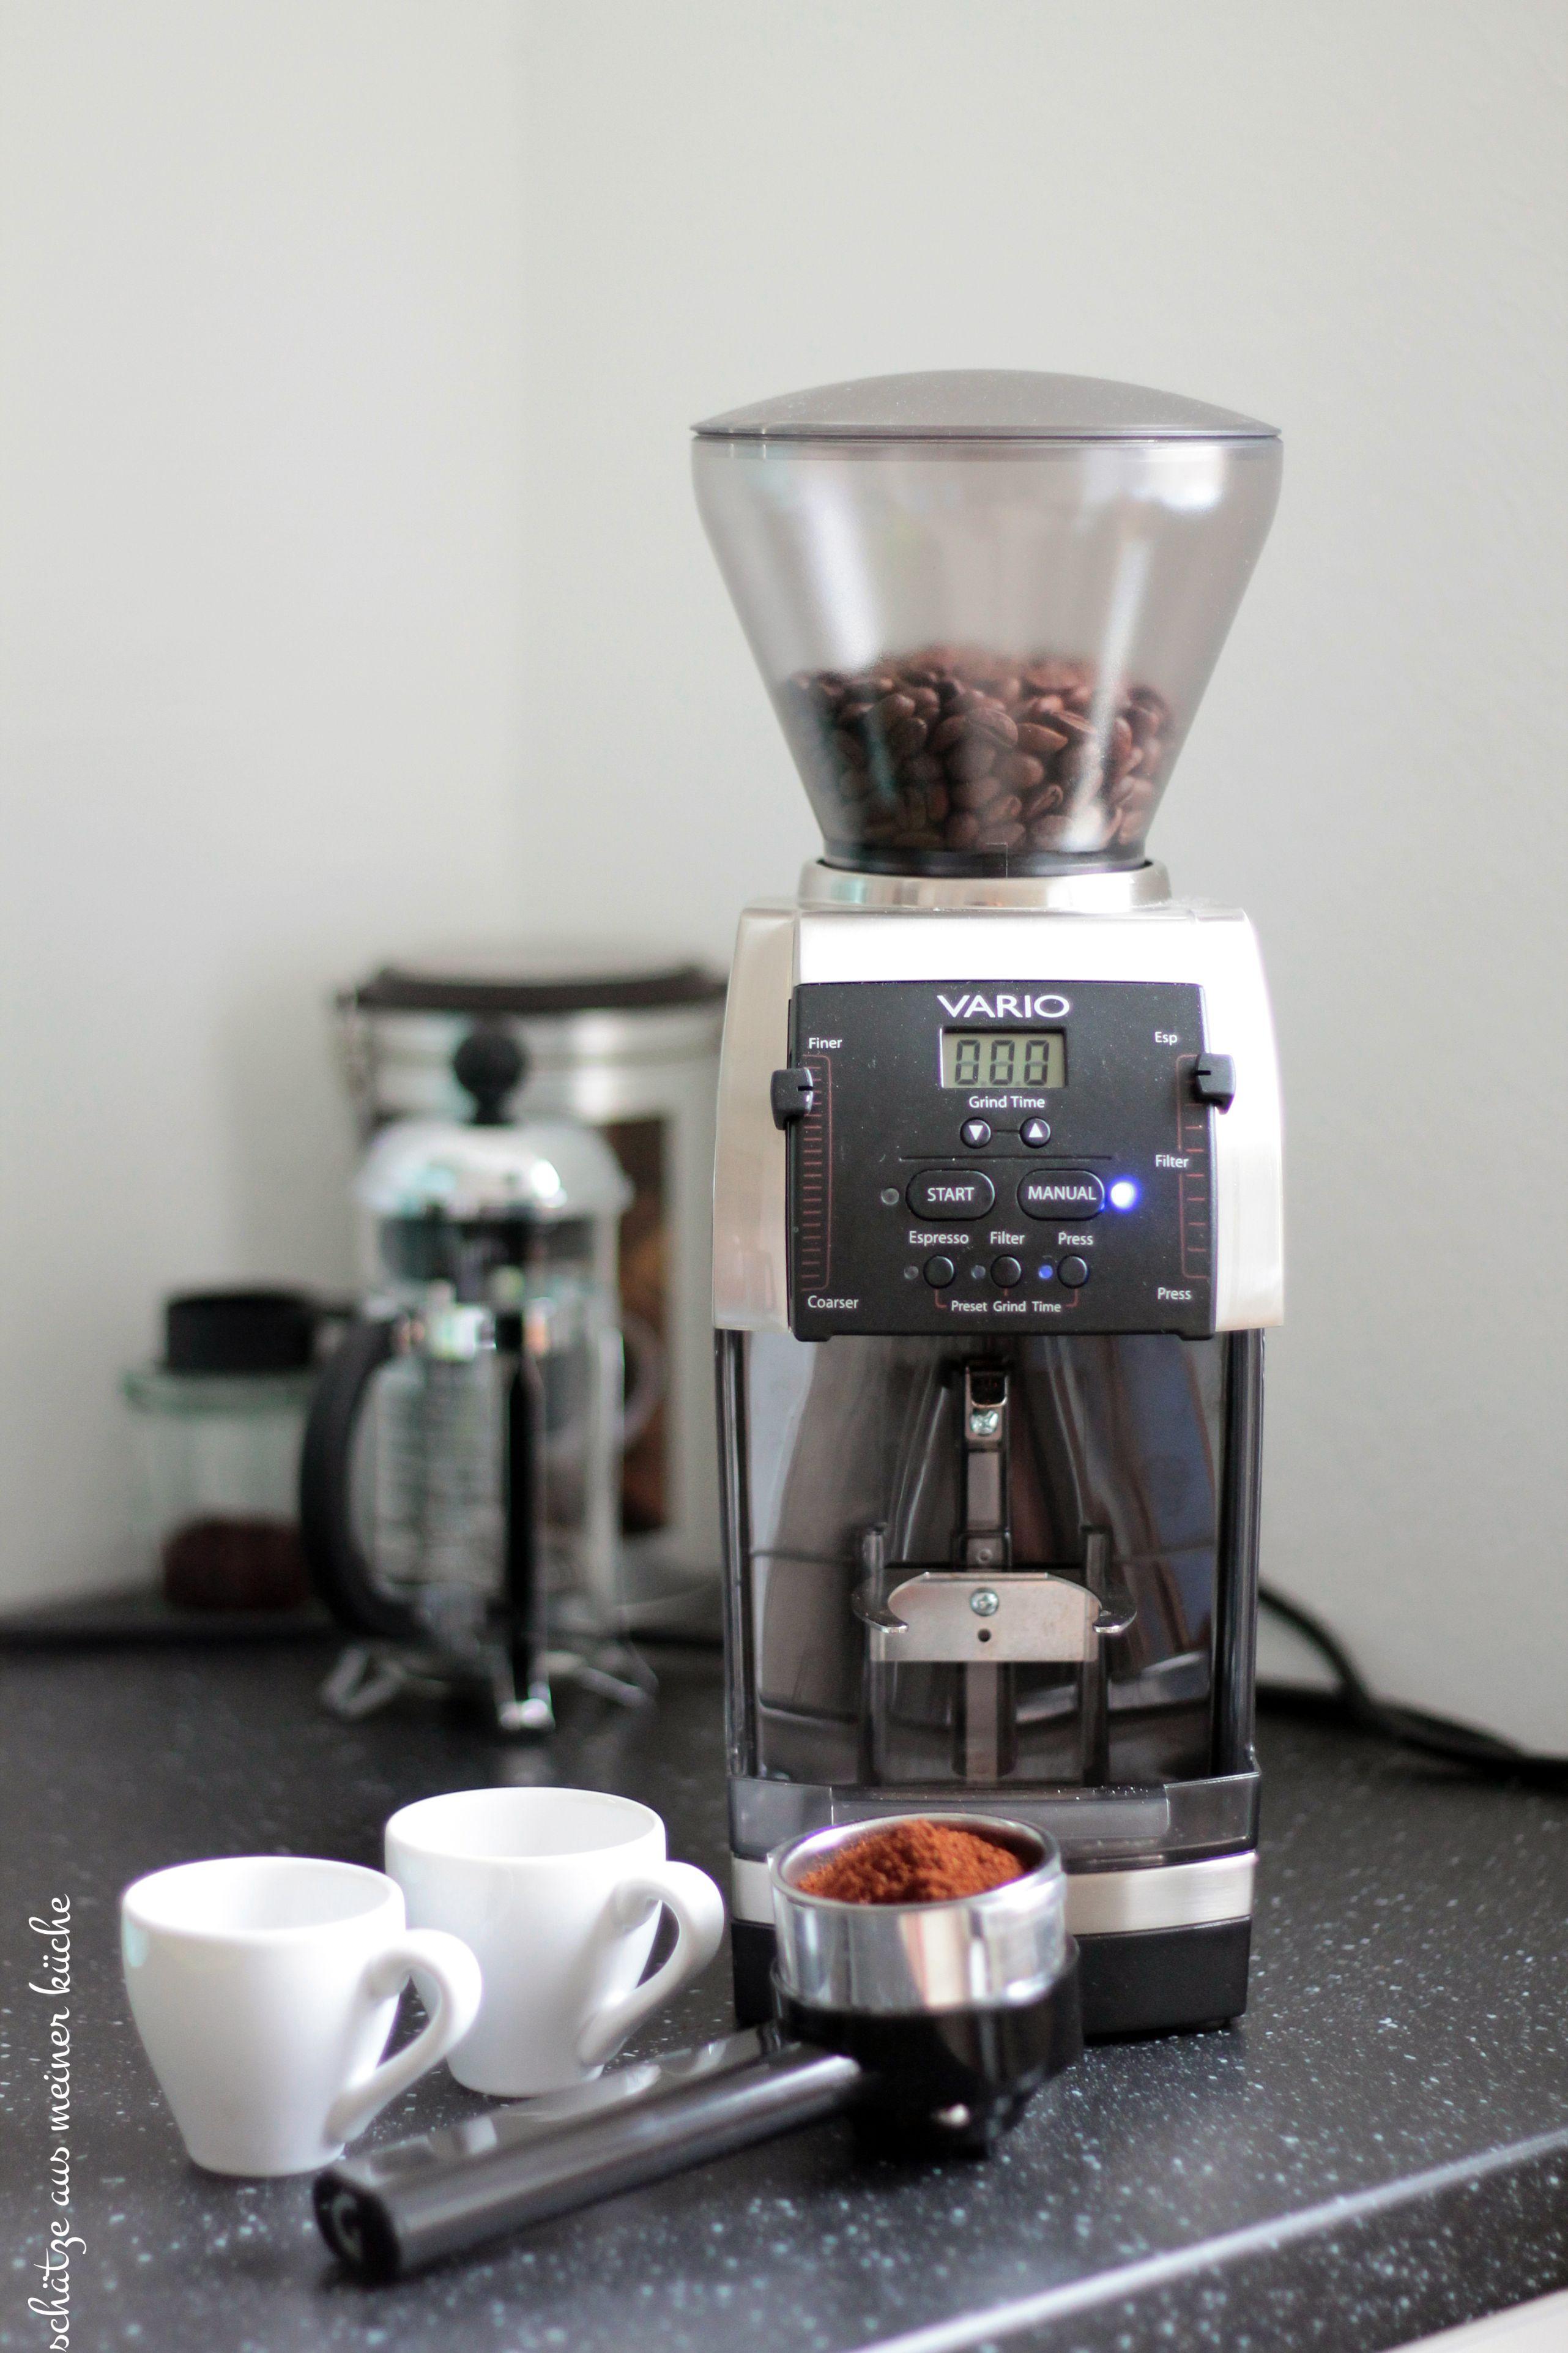 Vario Home Mahlkönig Espresso-Woche Schätze aus meiner Küche